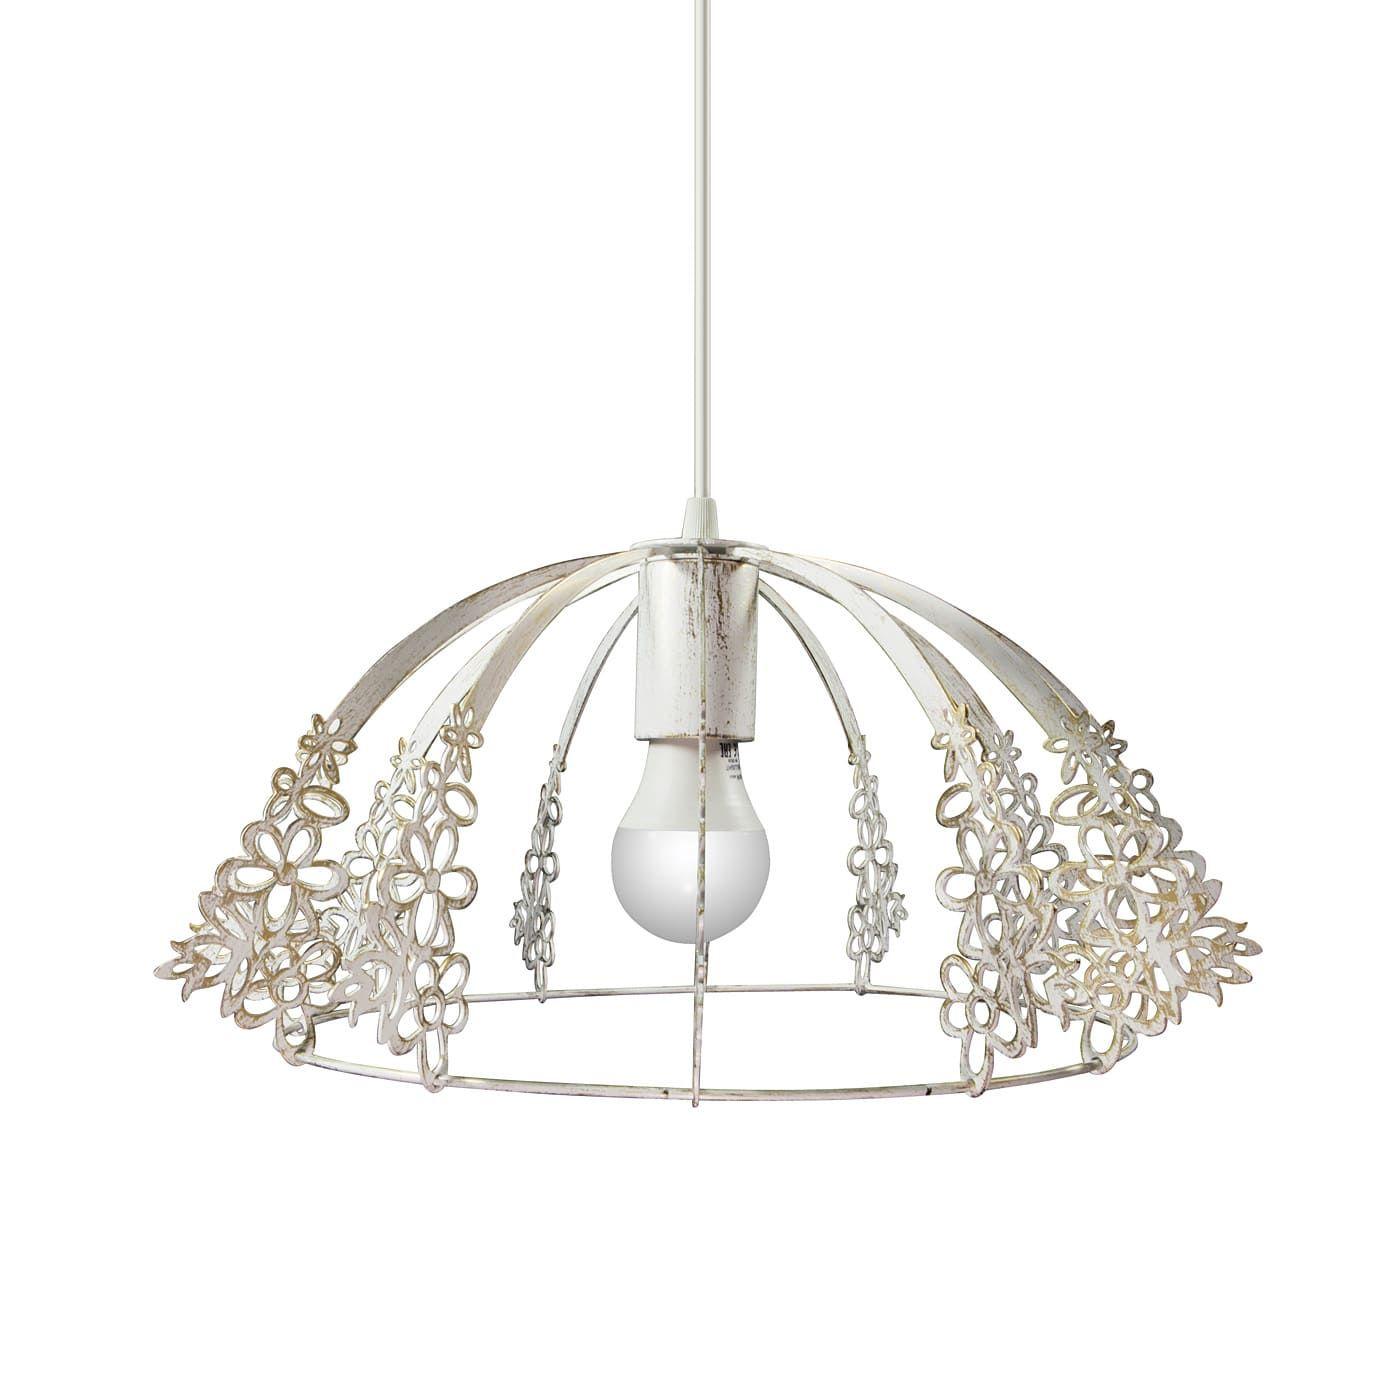 PETRASVET / Suspended chandelier S2376-1, 1xE27 max. 60W